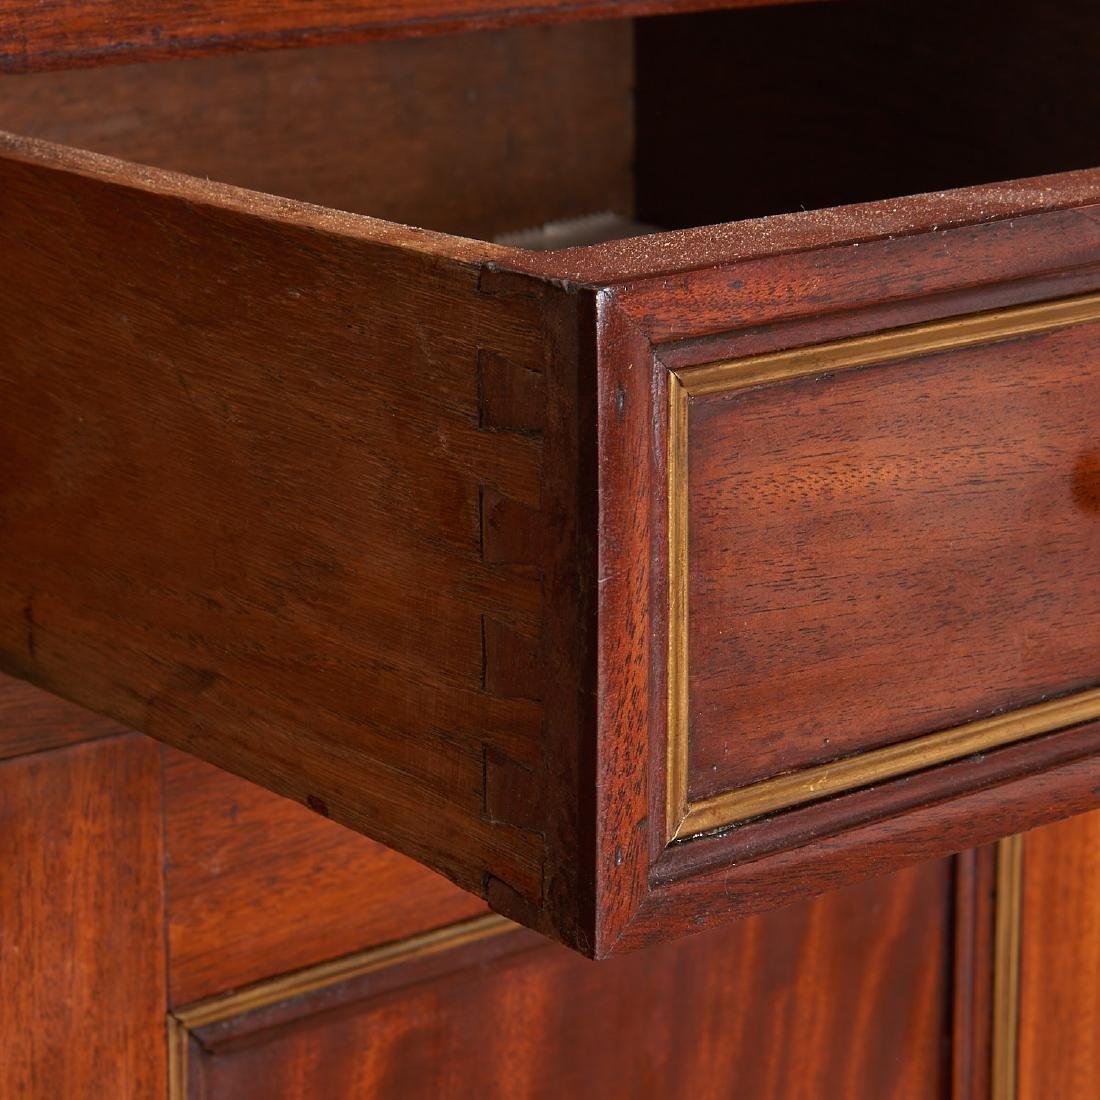 Regency style mahogany cabinet - 4